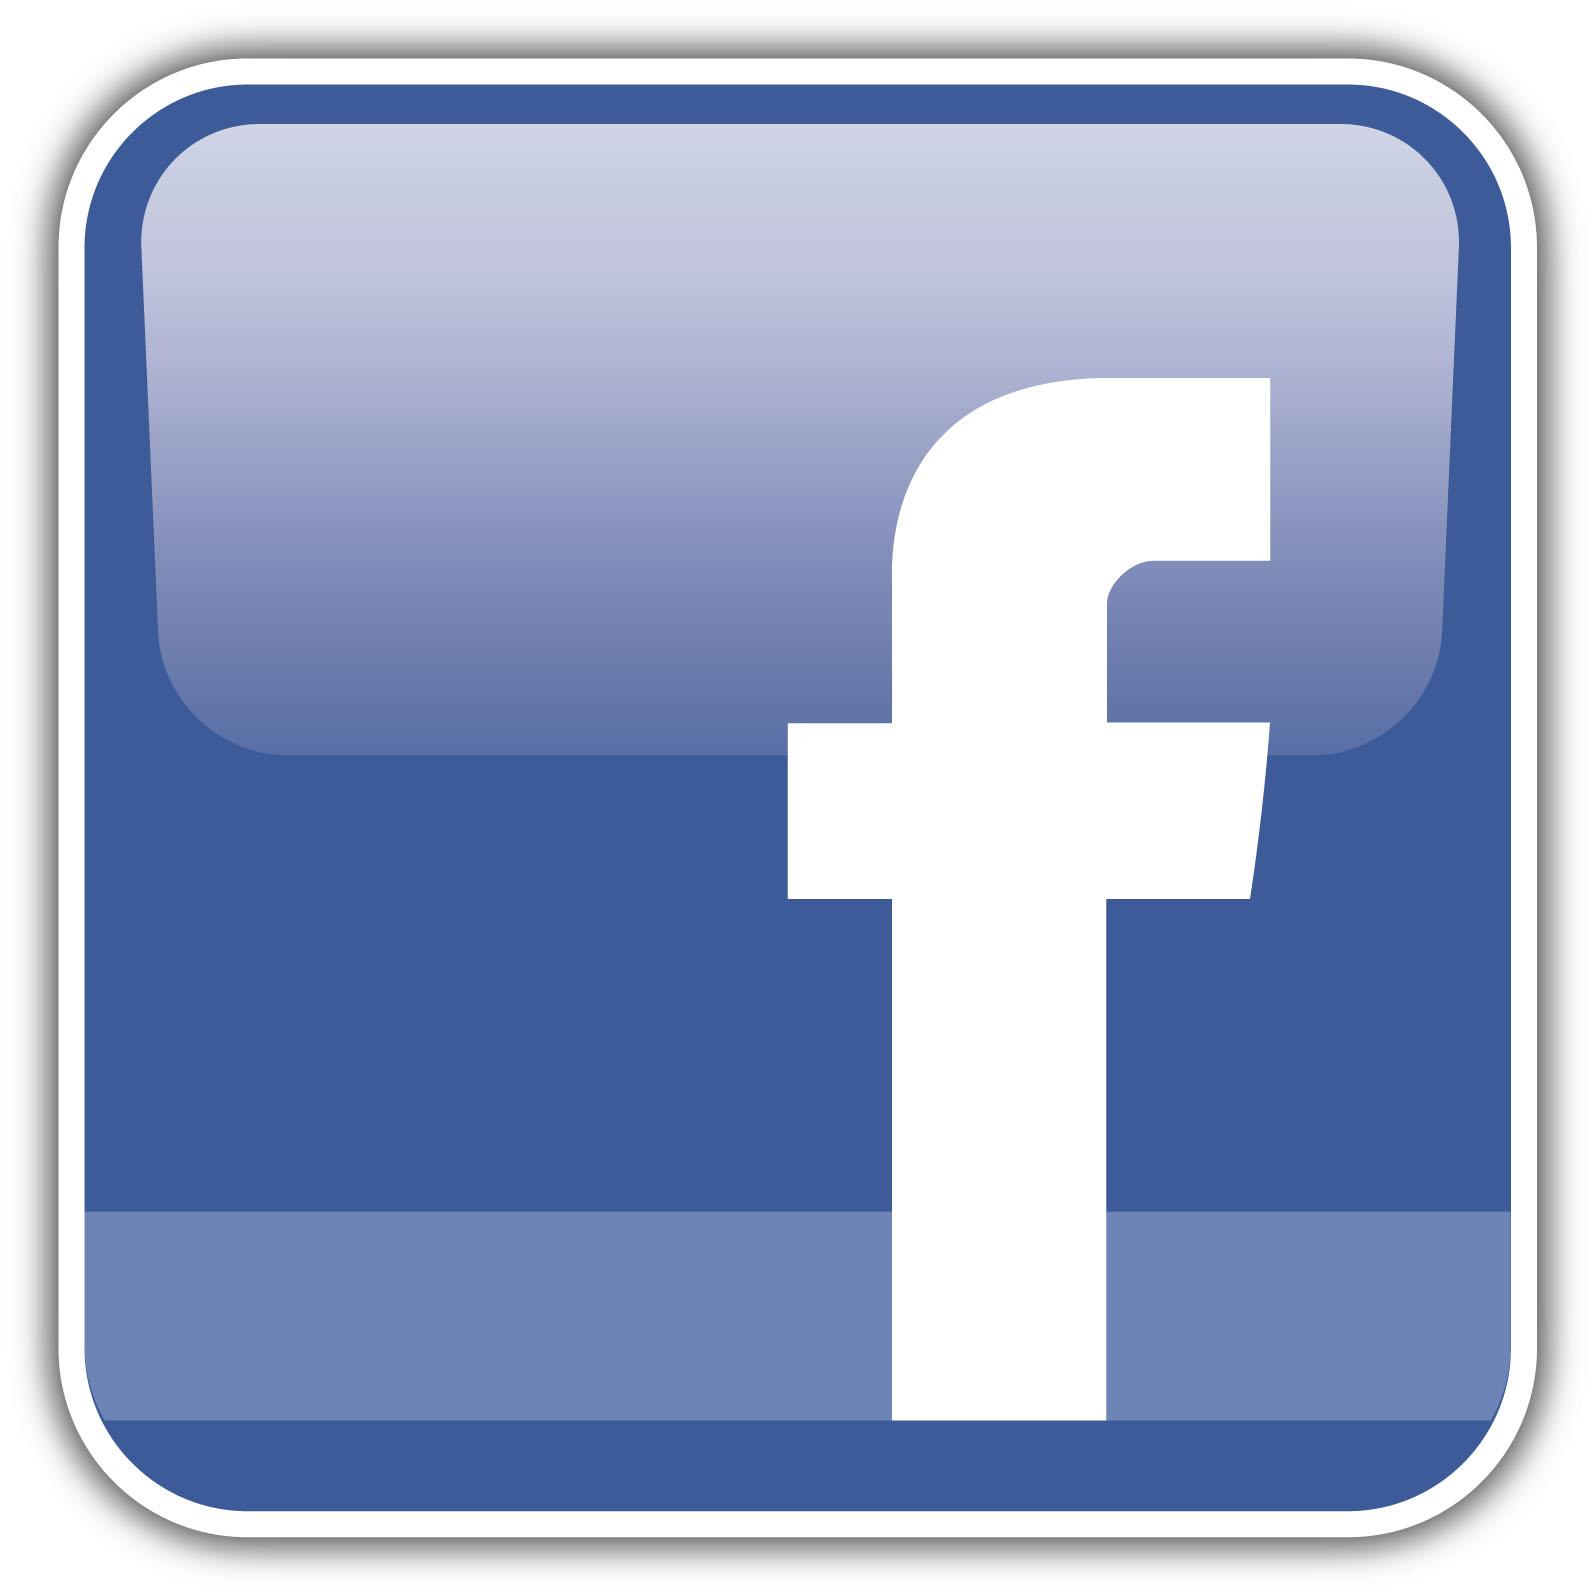 Volg ons ook op Facebook!